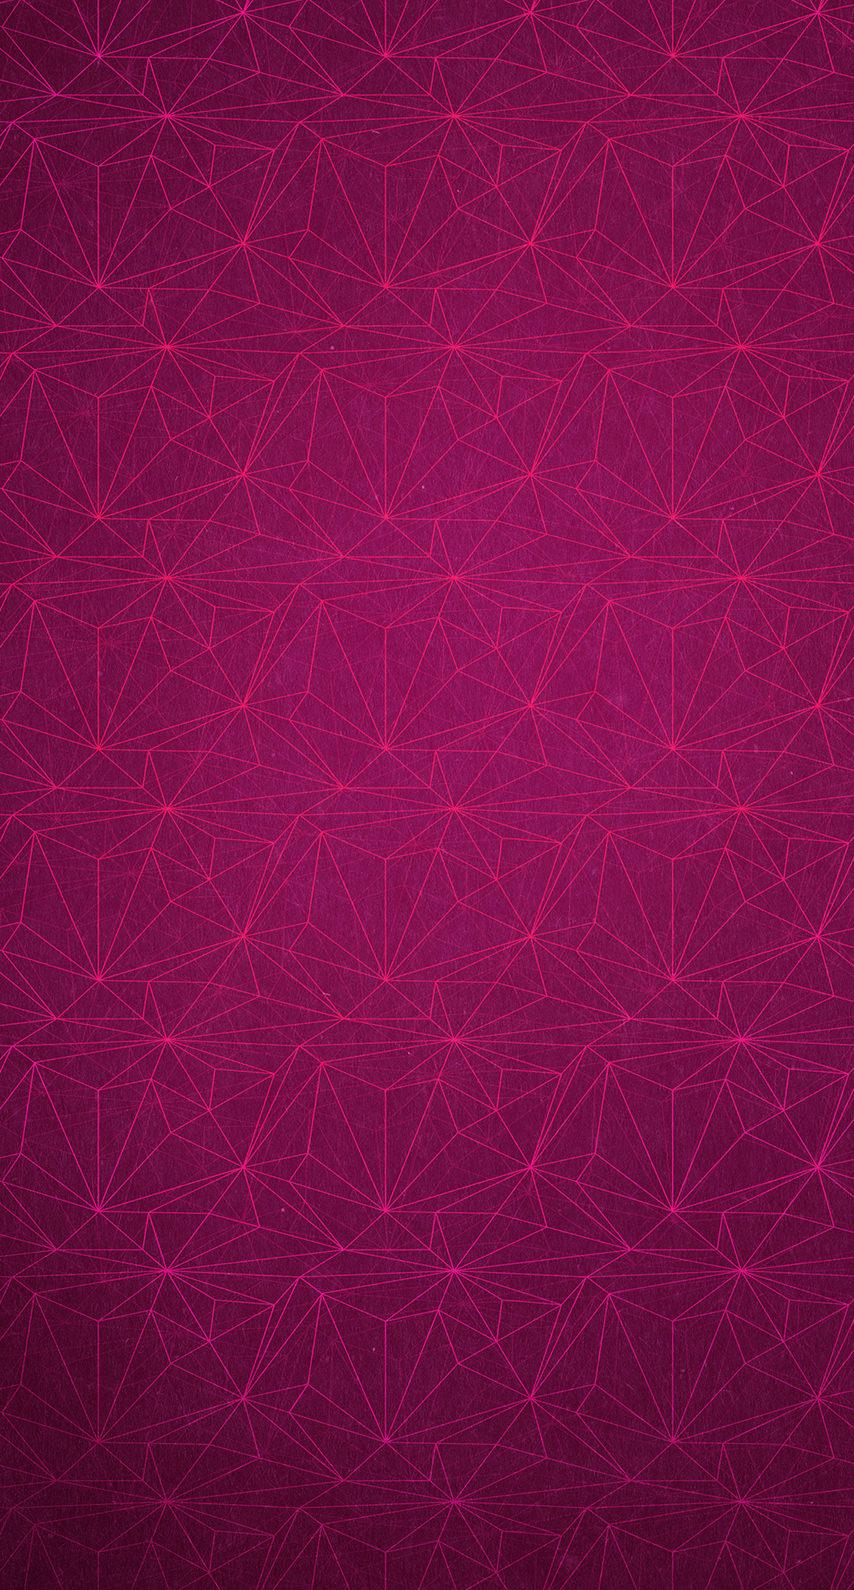 模様赤紫クール Wallpaper Sc Iphone6s壁紙